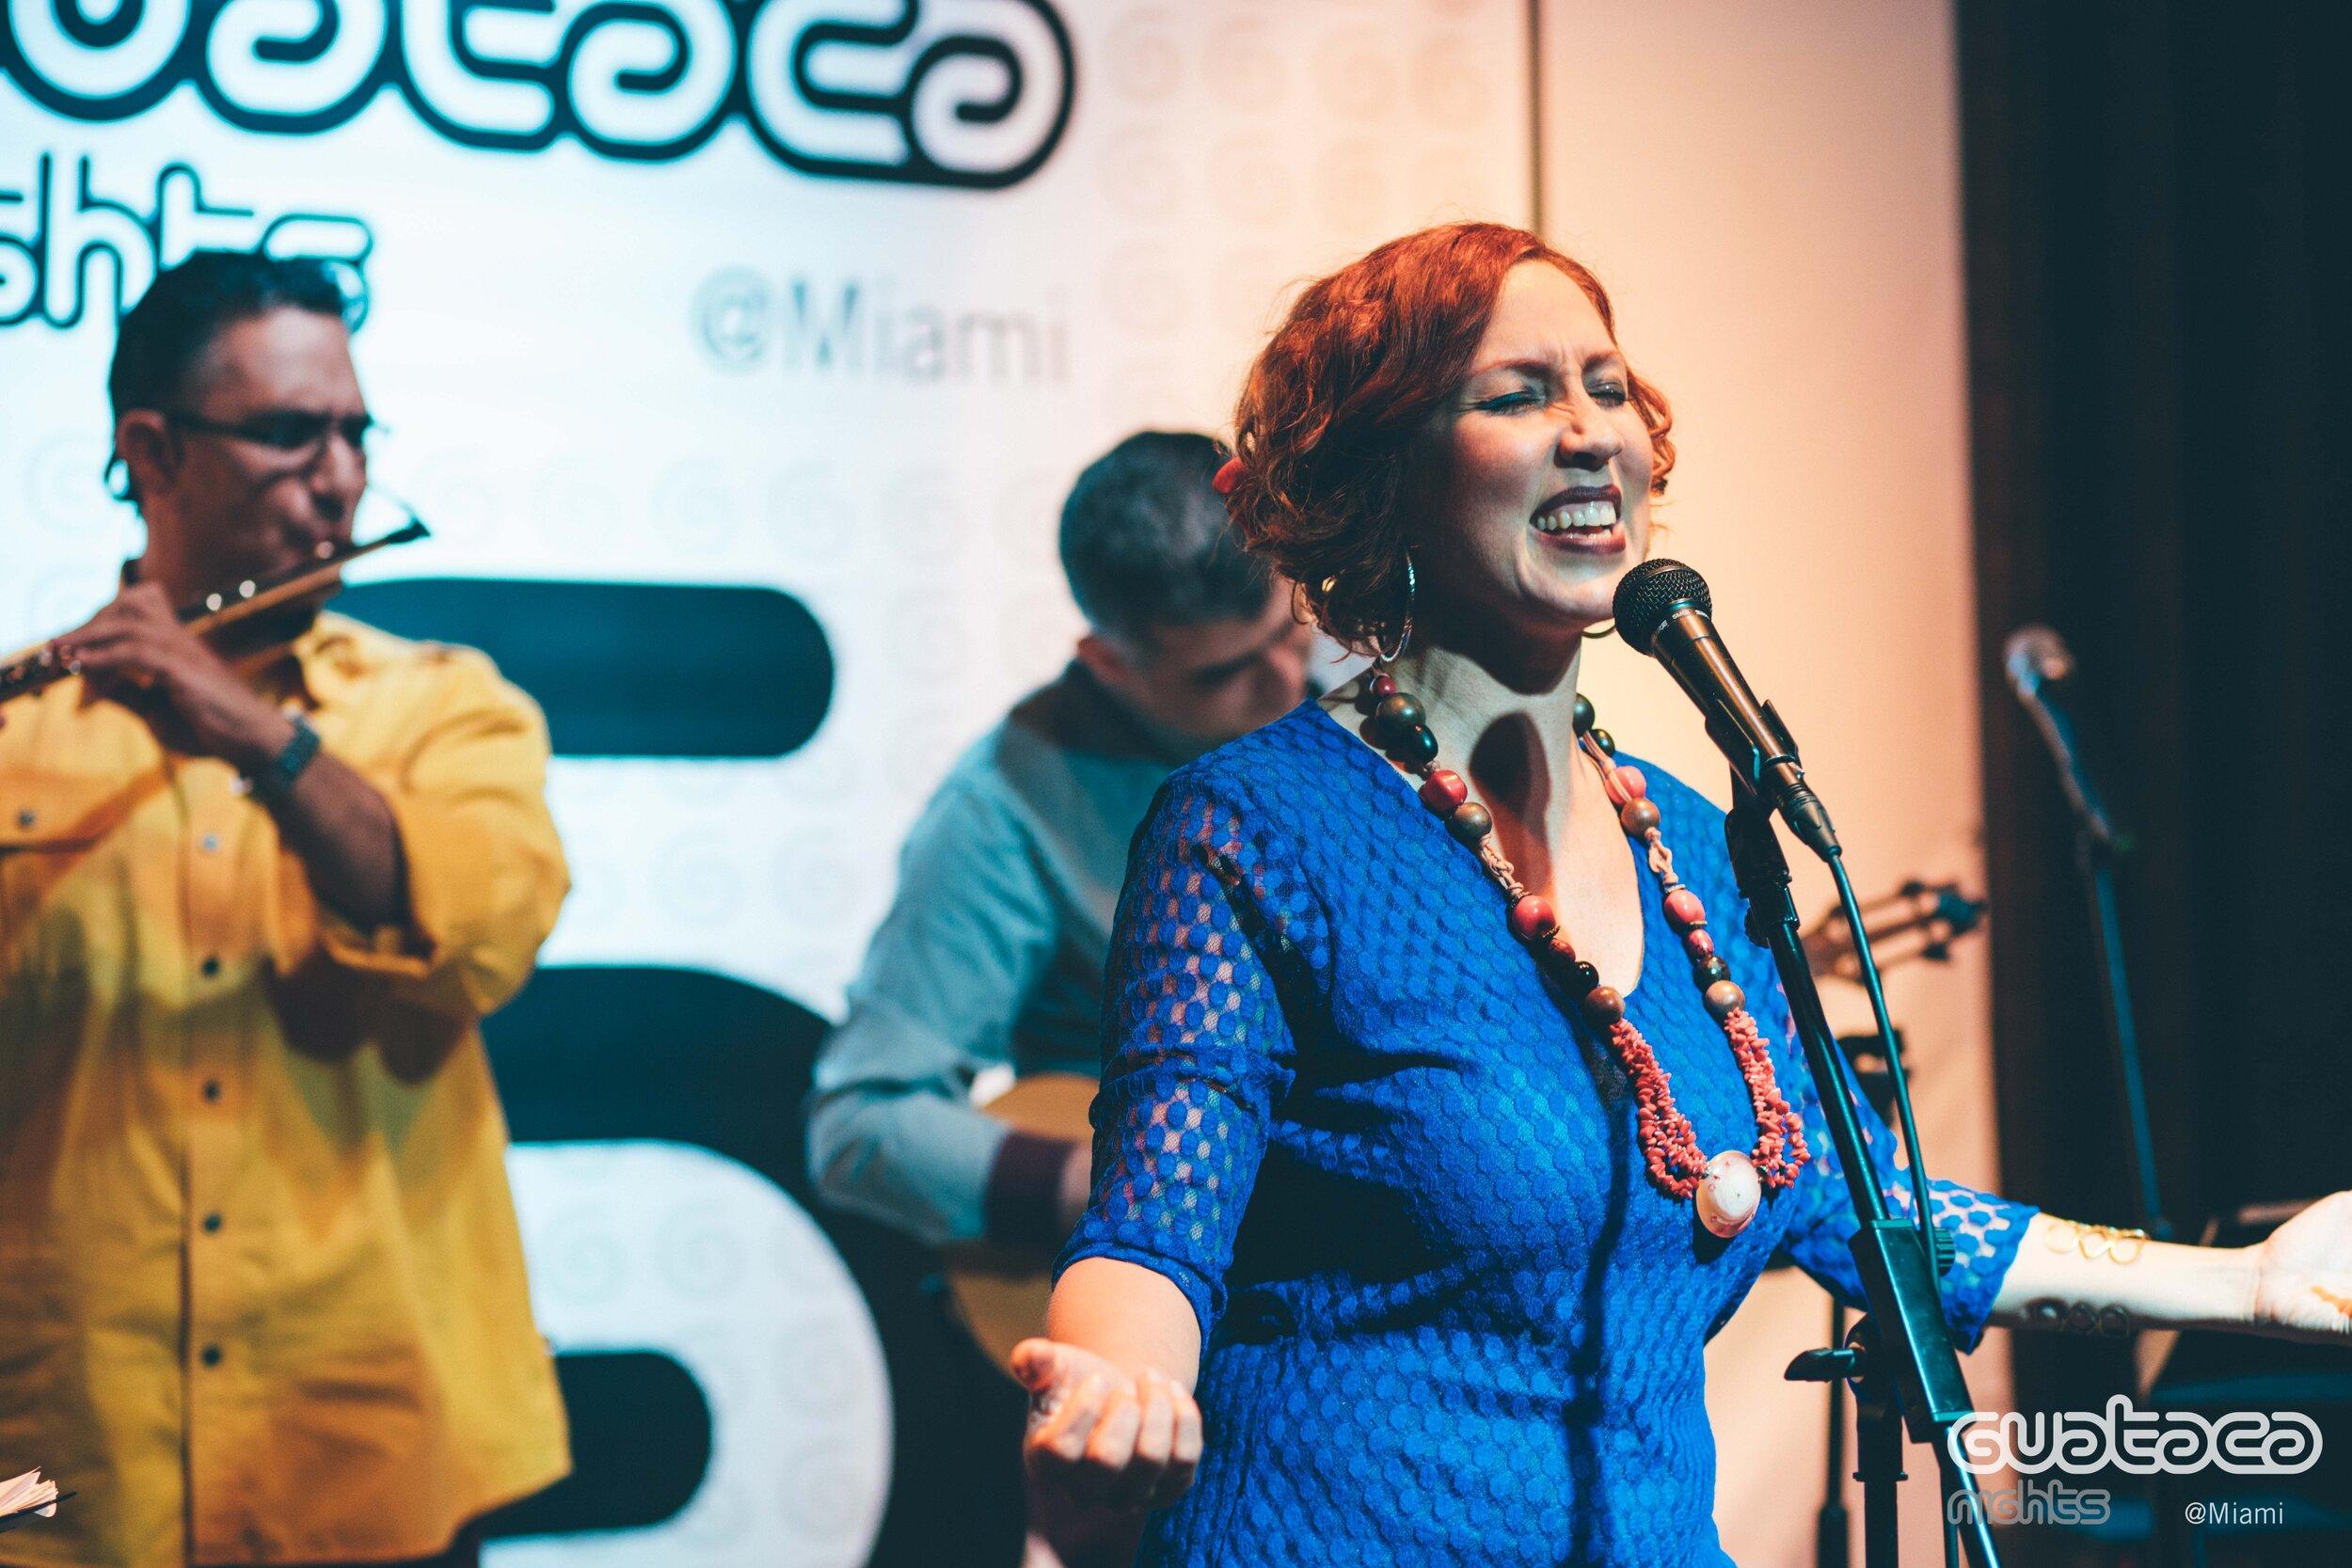 Marina Bravo junto a Los Sinvergüenzas en Guataca Nights Miami. Foto: Archivo Guataca